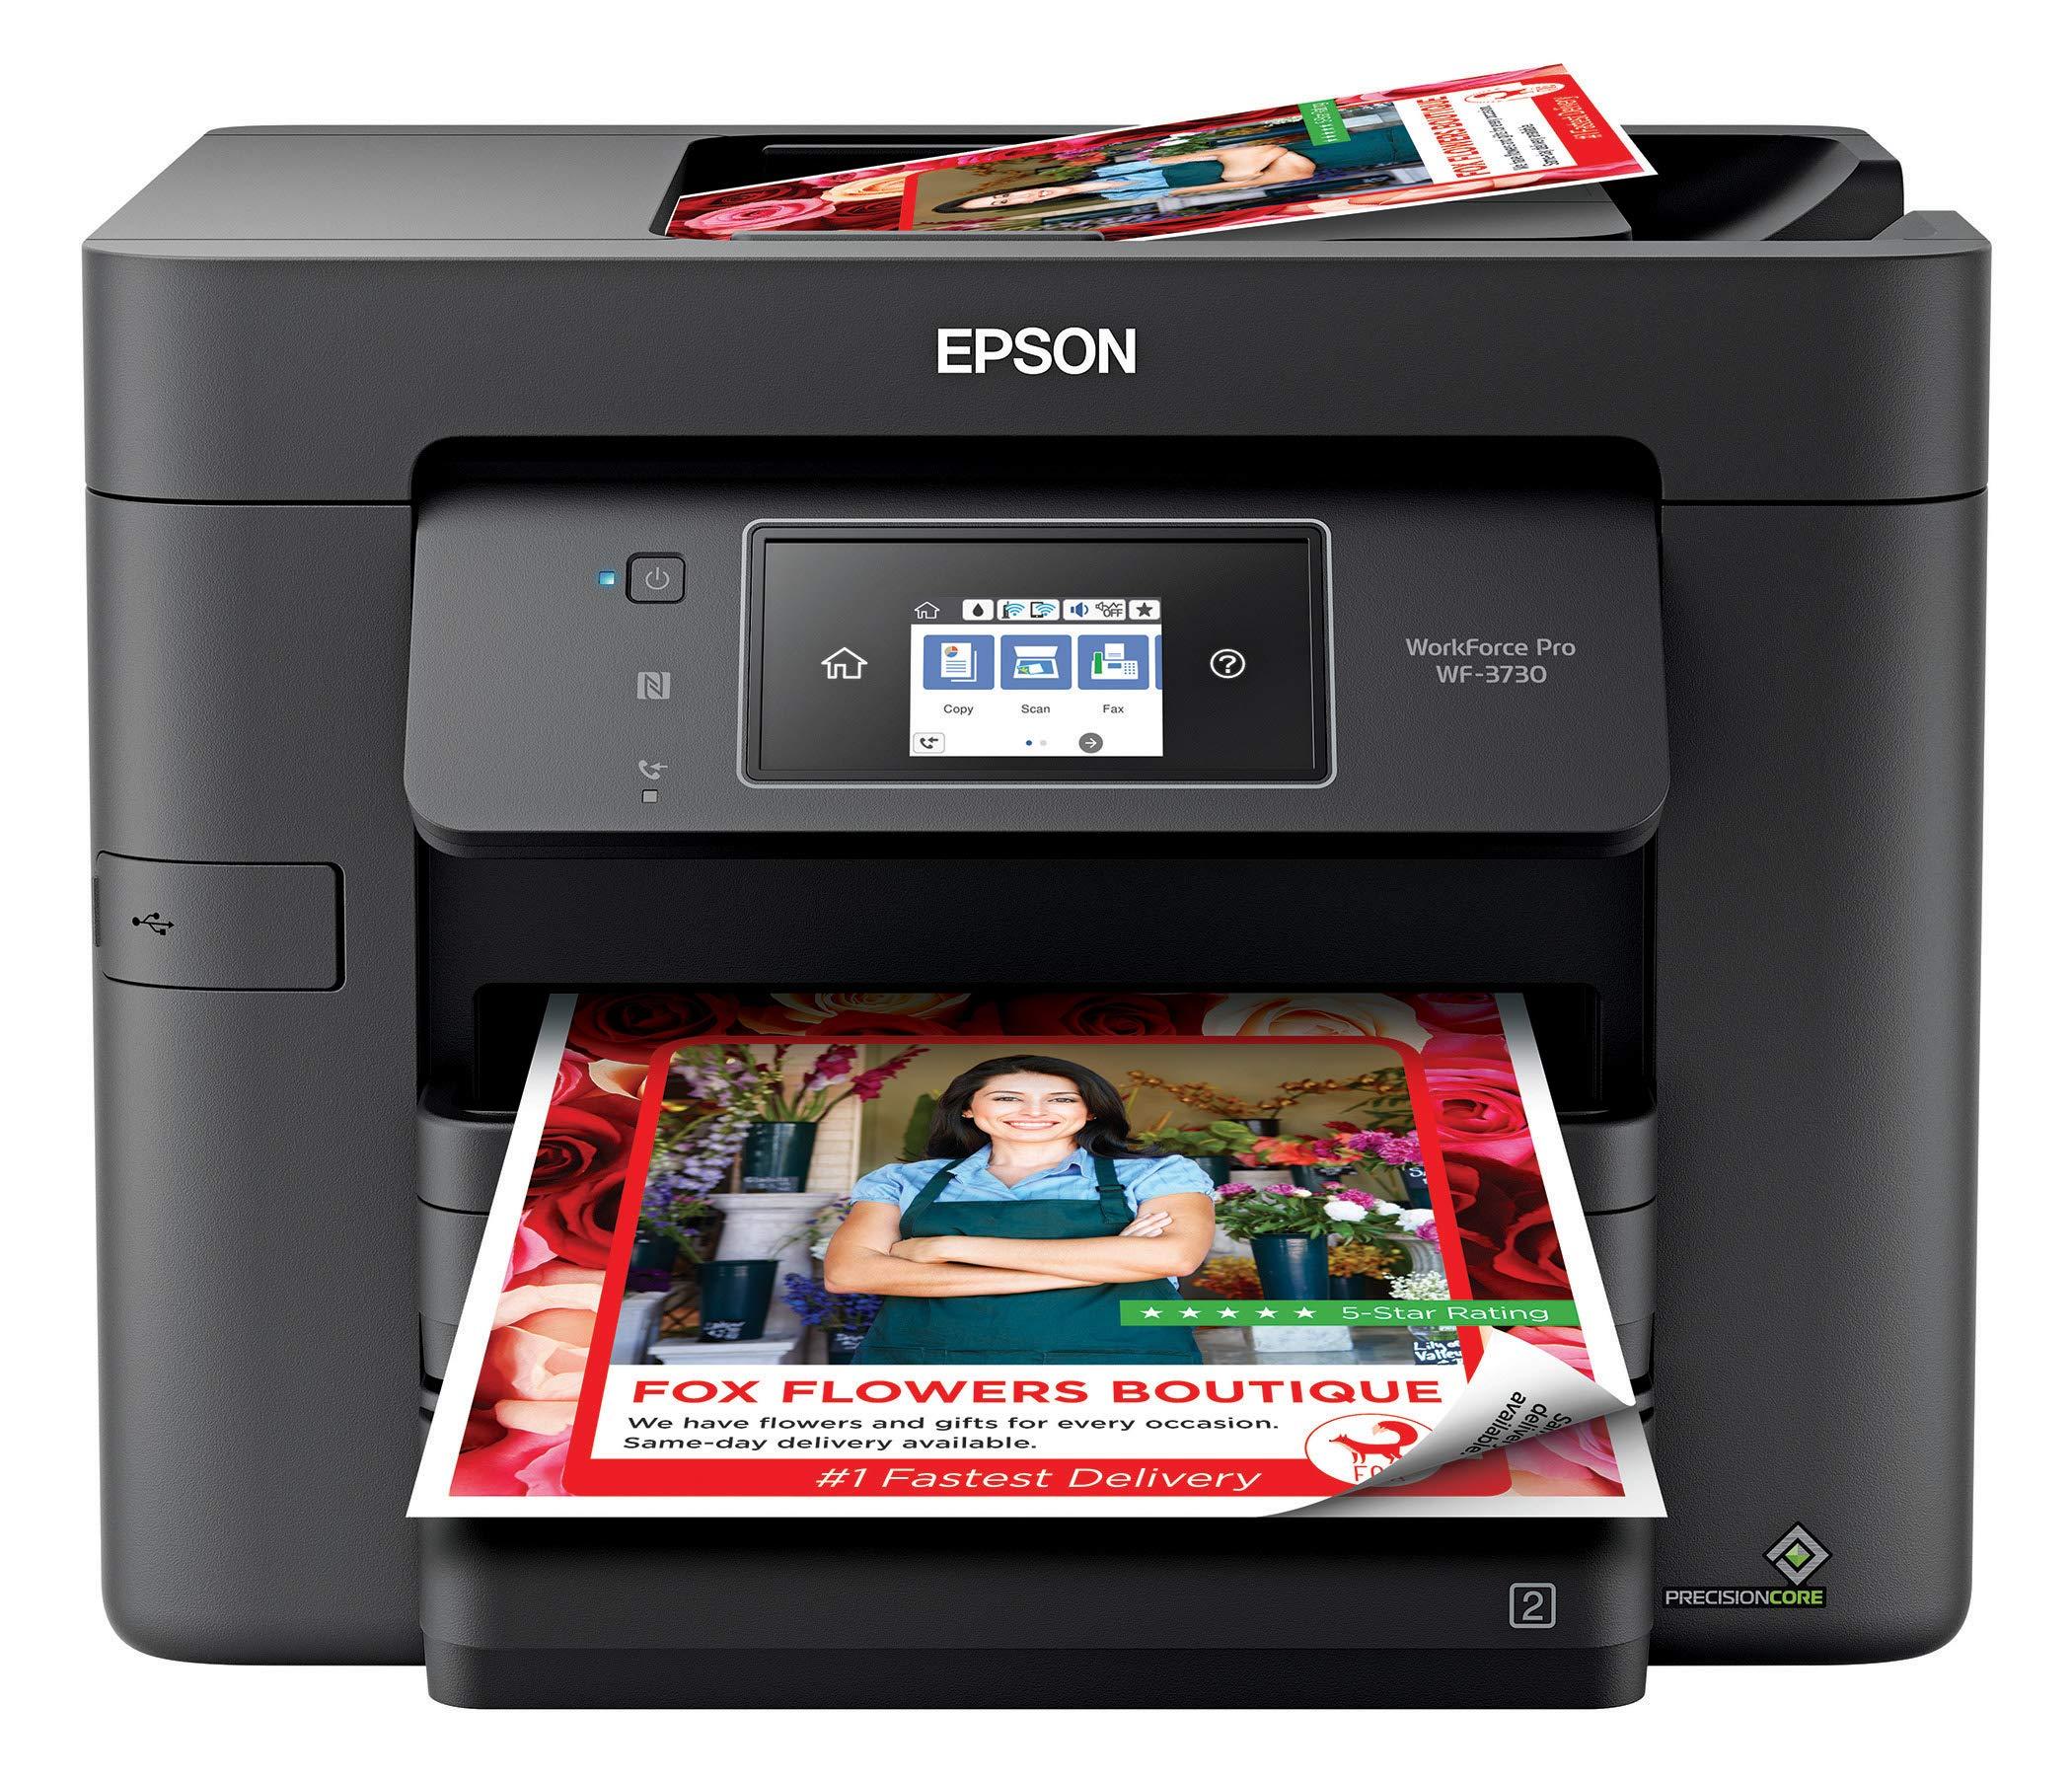 Epson Workforce WF 3730 Wireless Printer